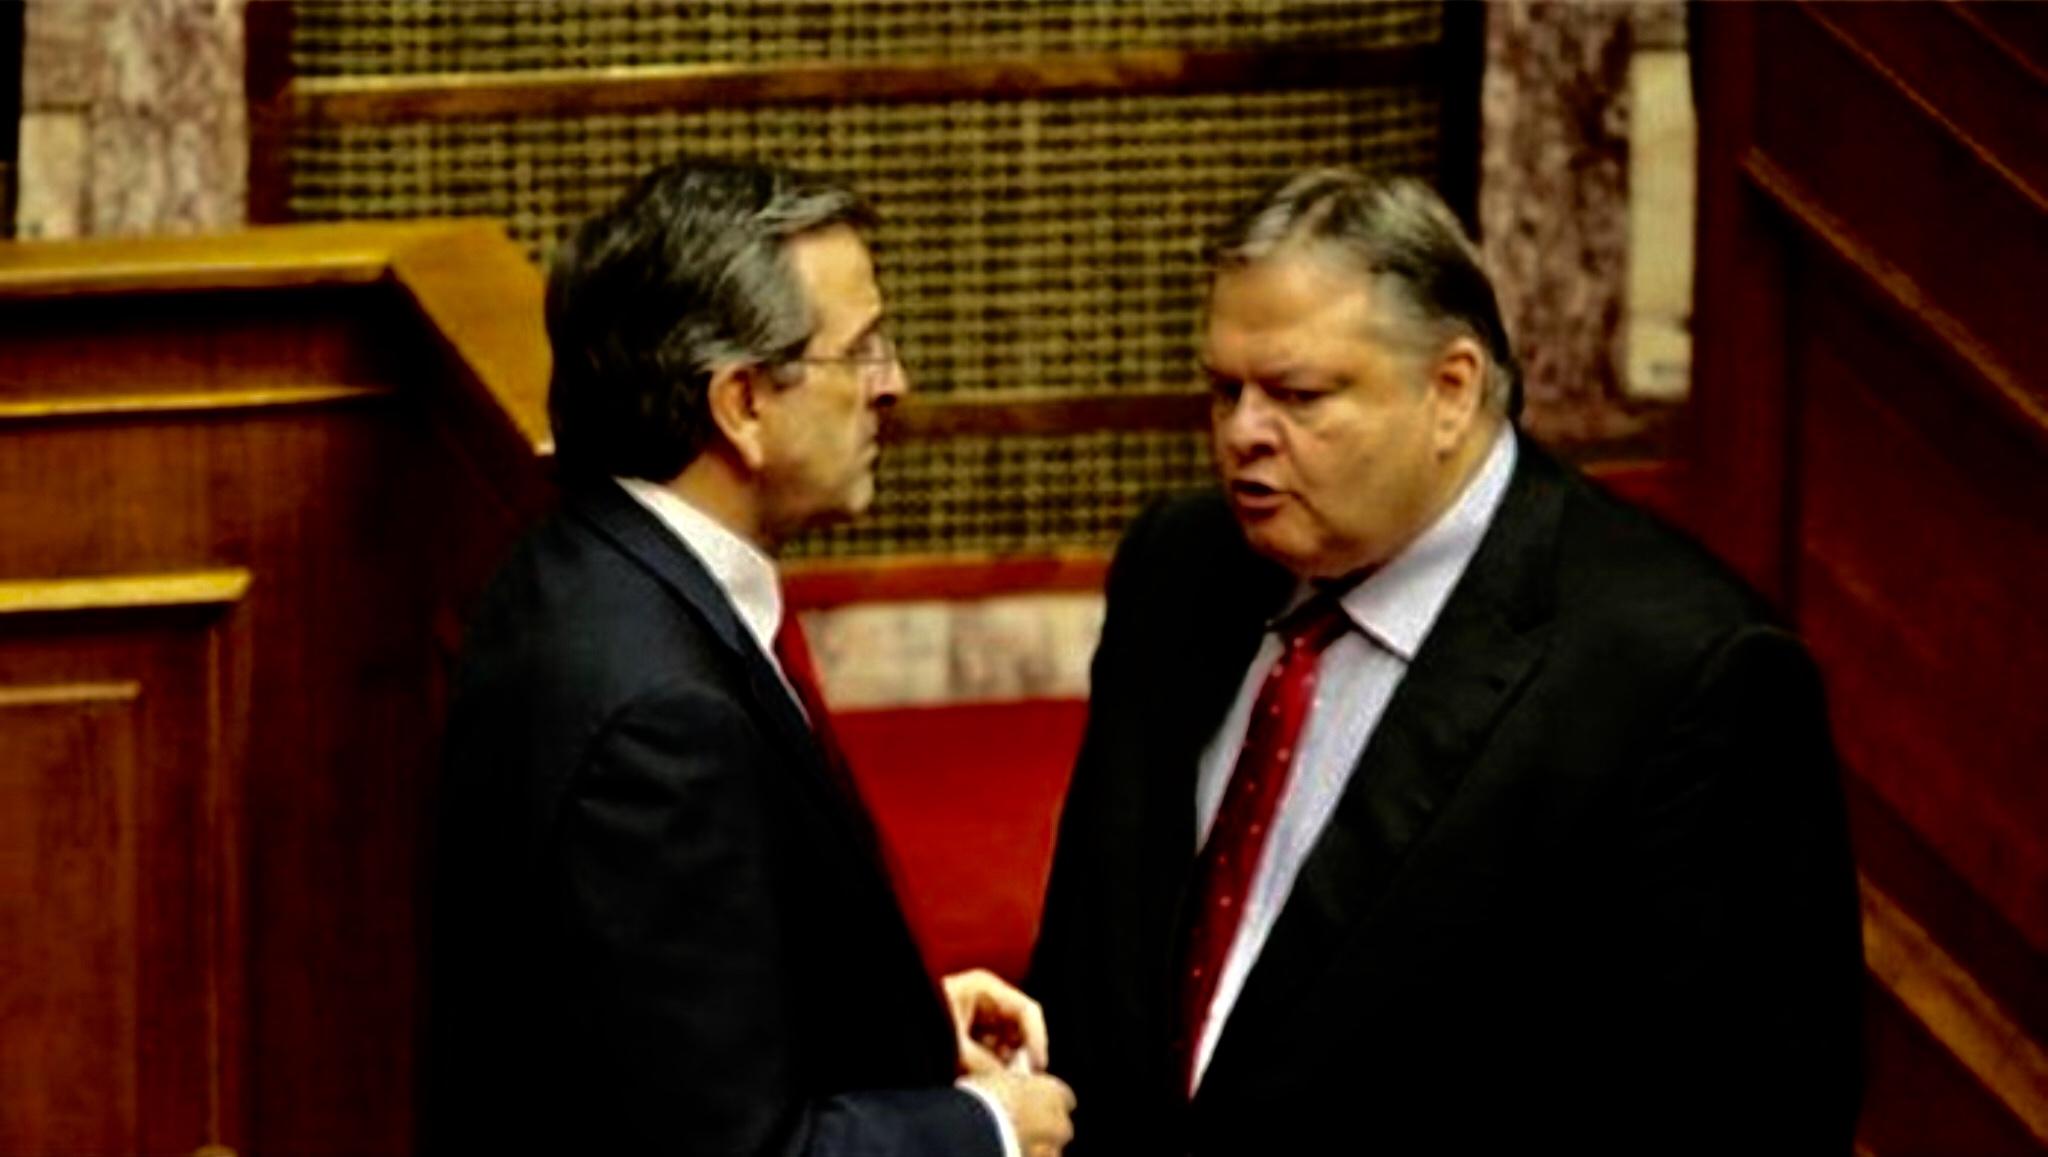 Μιχάλης Καρχιμάκης: Ποιοι ήθελαν να ρίξουν τον Γιώργο Παπανδρέου – Η χώρα πήγε χειρότερα μετά το 2011 (Βίντεο) @karximakis